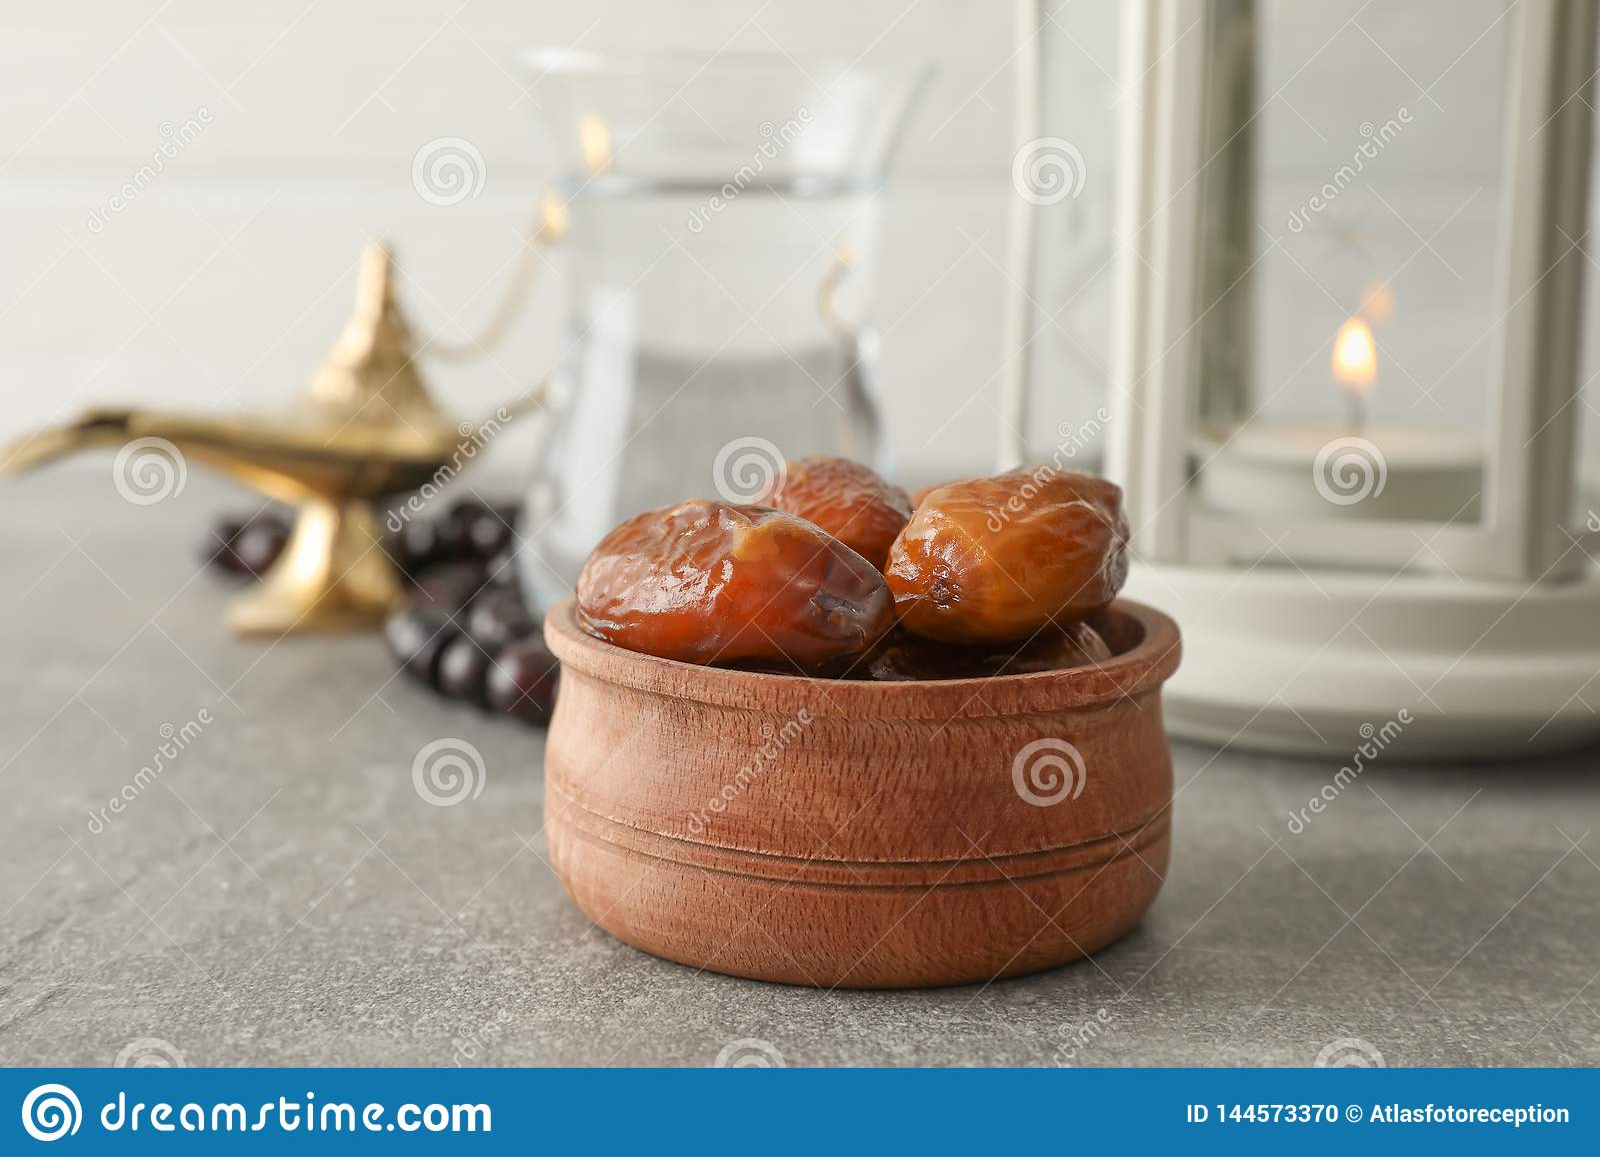 Dekoration und Nahrung von Ramadan Kareem-Feiertag auf grauer Tabelle